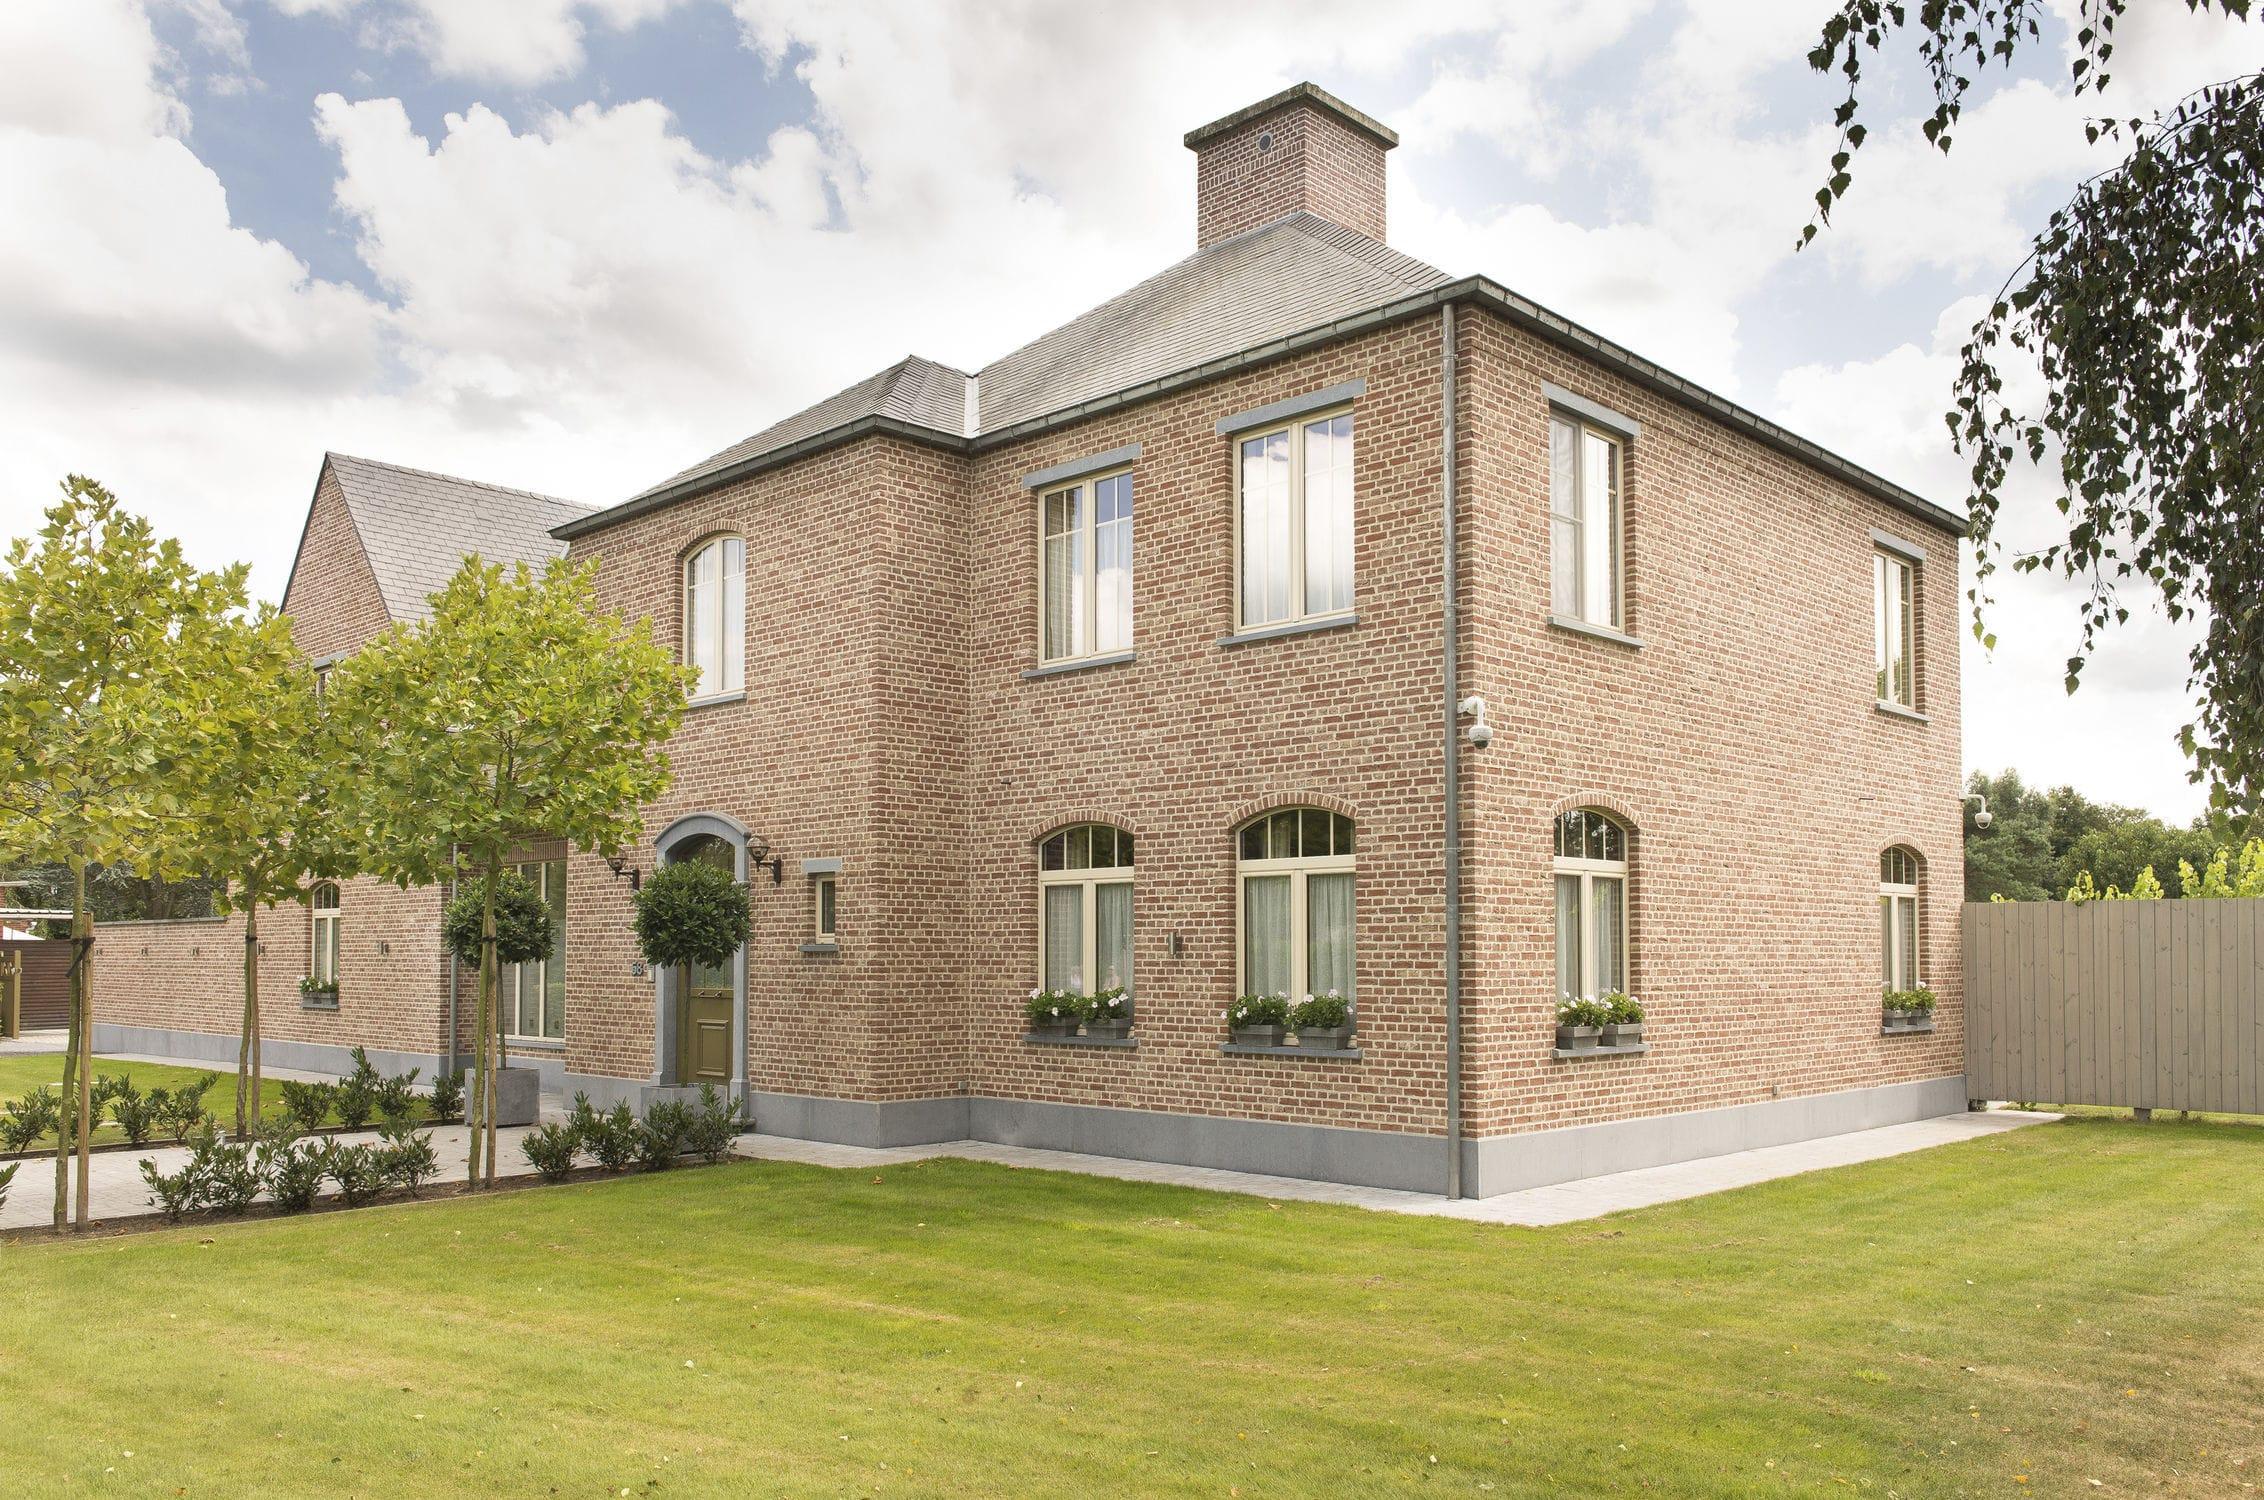 Facing brick for facades for garden enclosures for masonry